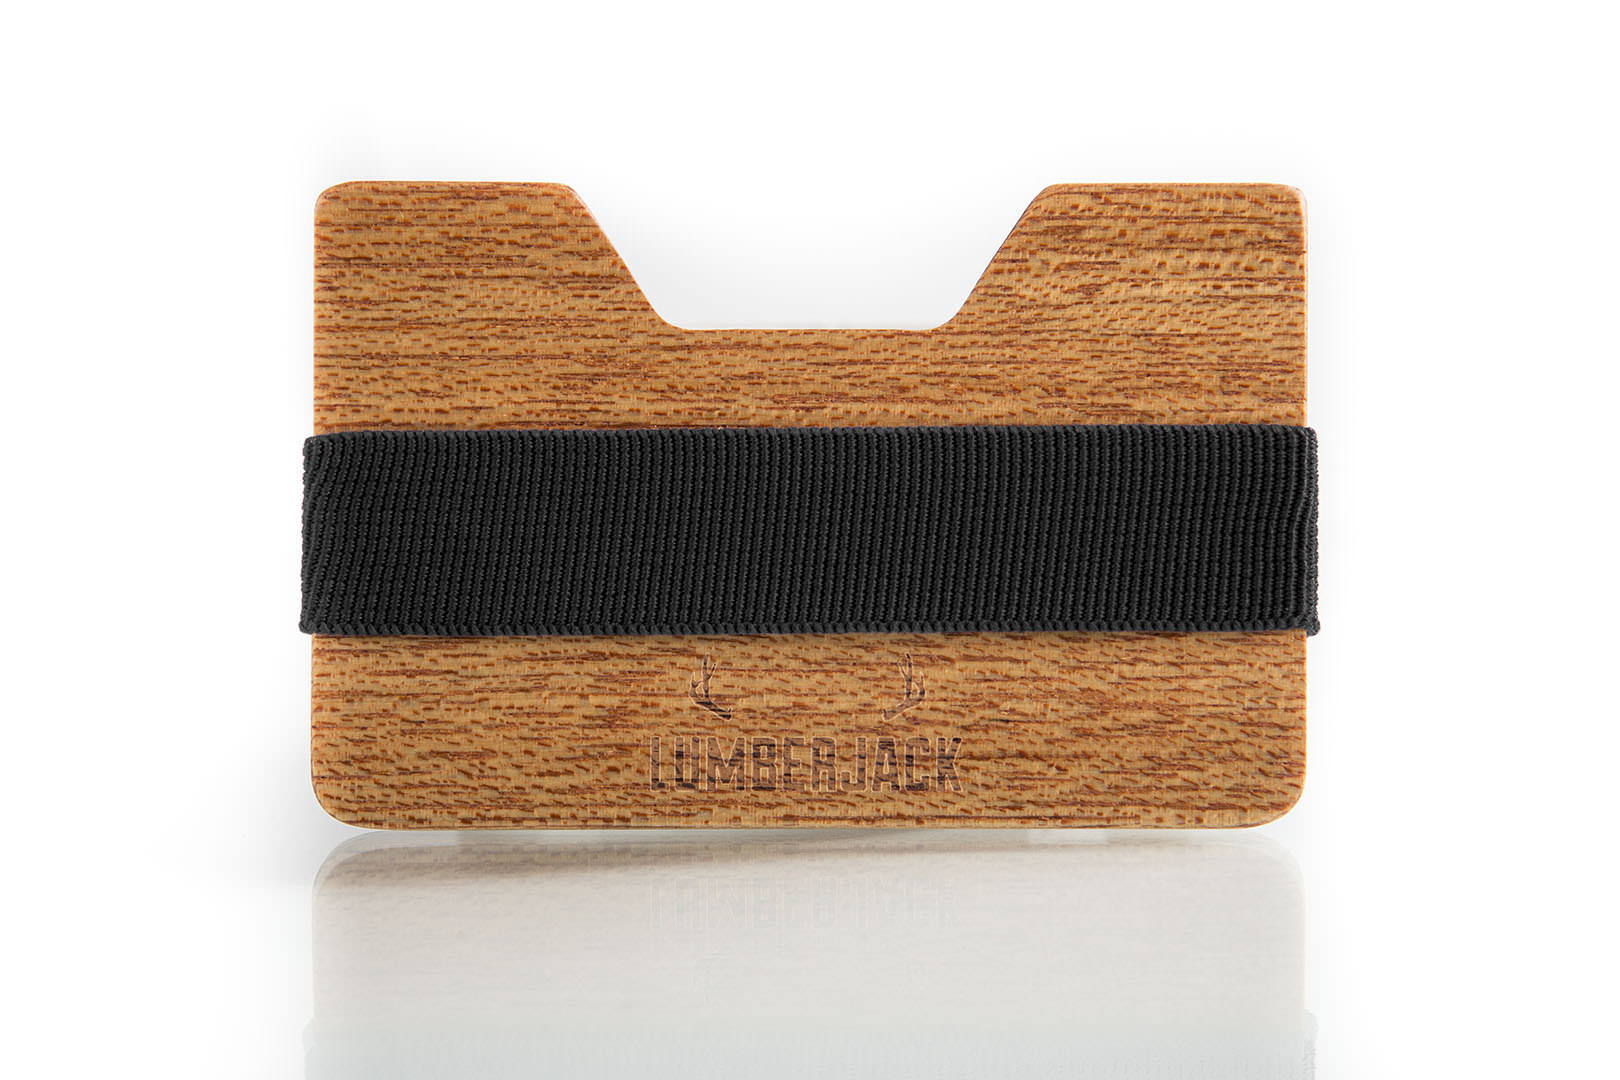 lumberjack_wallet_04